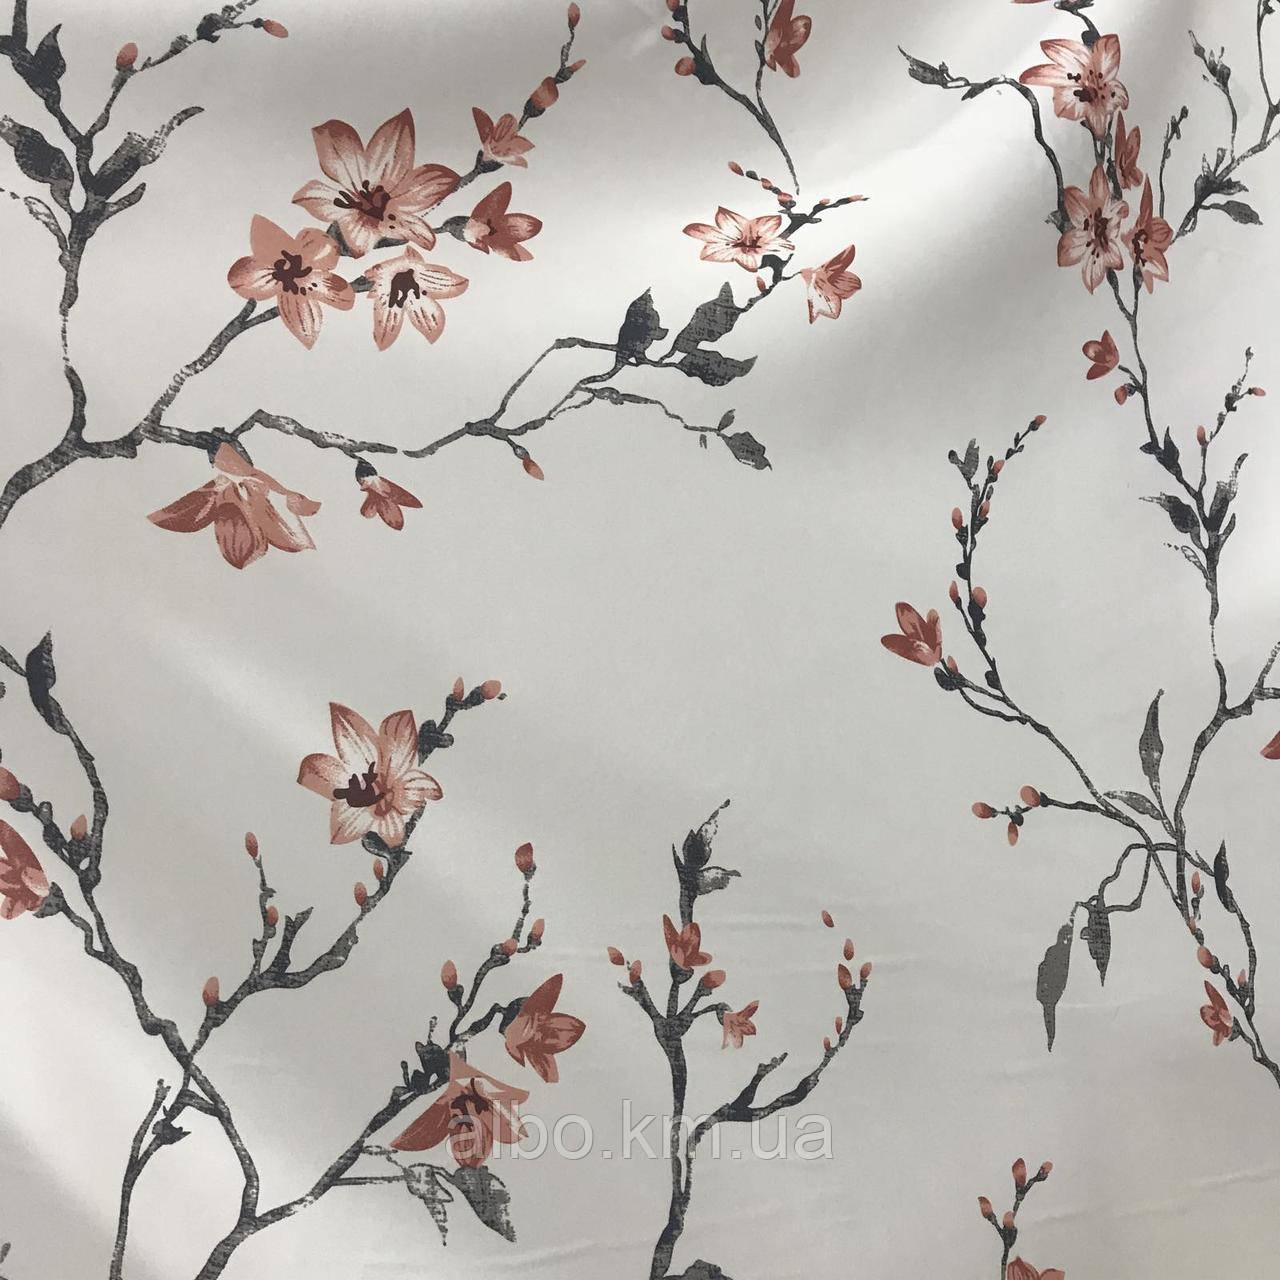 Щільна атласна шторна тканина з квітами, висота 2.8 м на метраж (611-7)